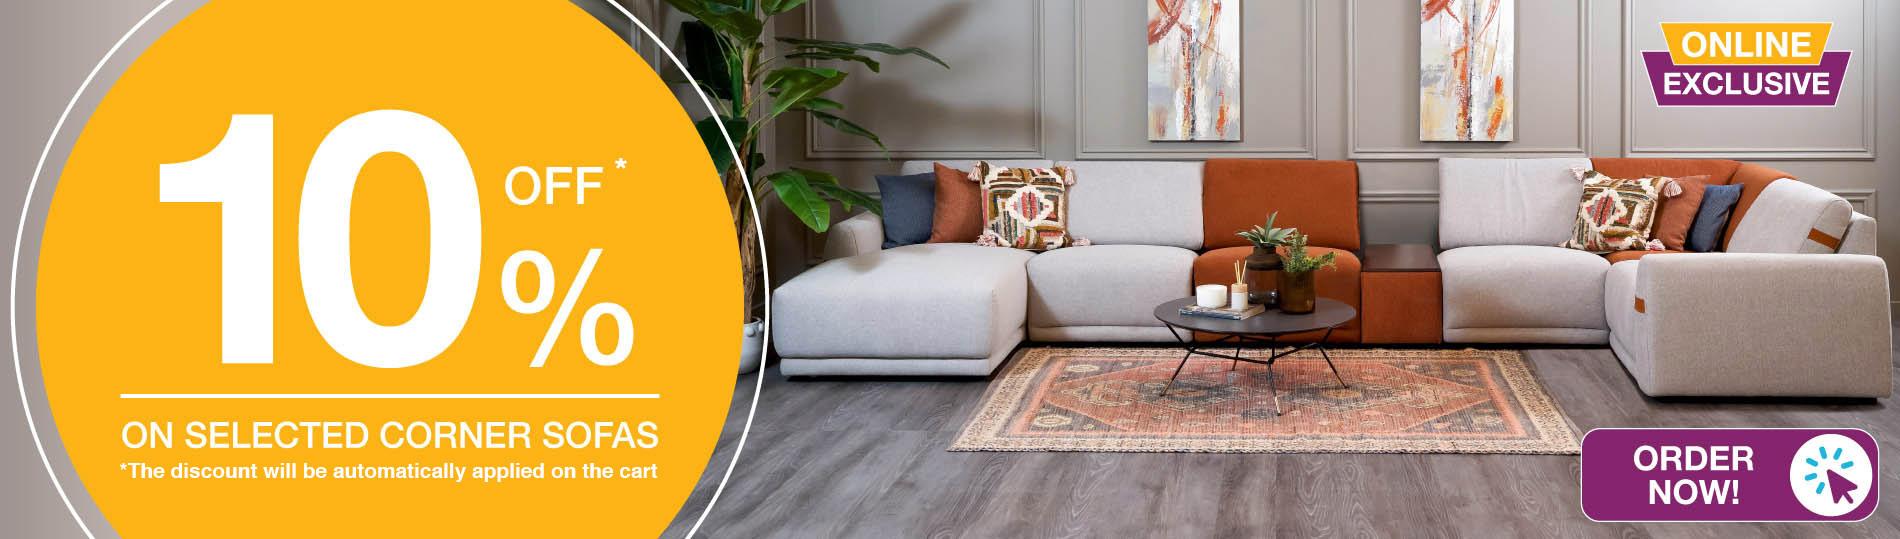 online exclusive corner sofa